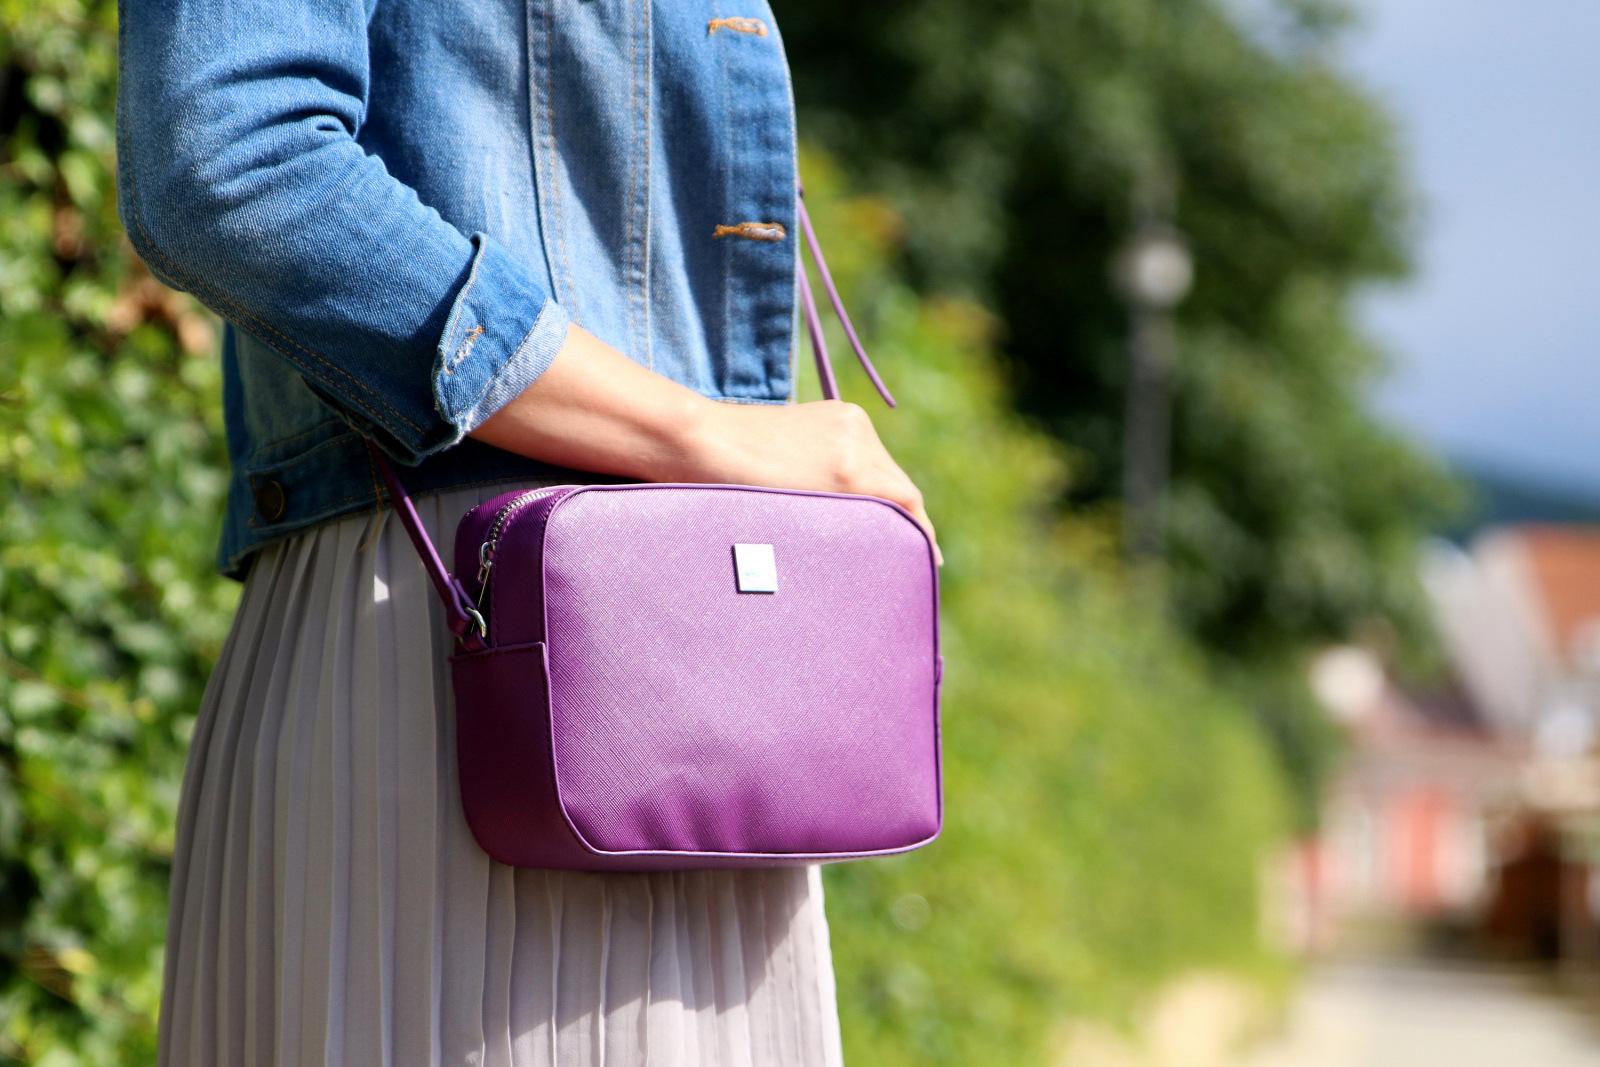 šedá plisovaná sukňa s fialovou kabelkou